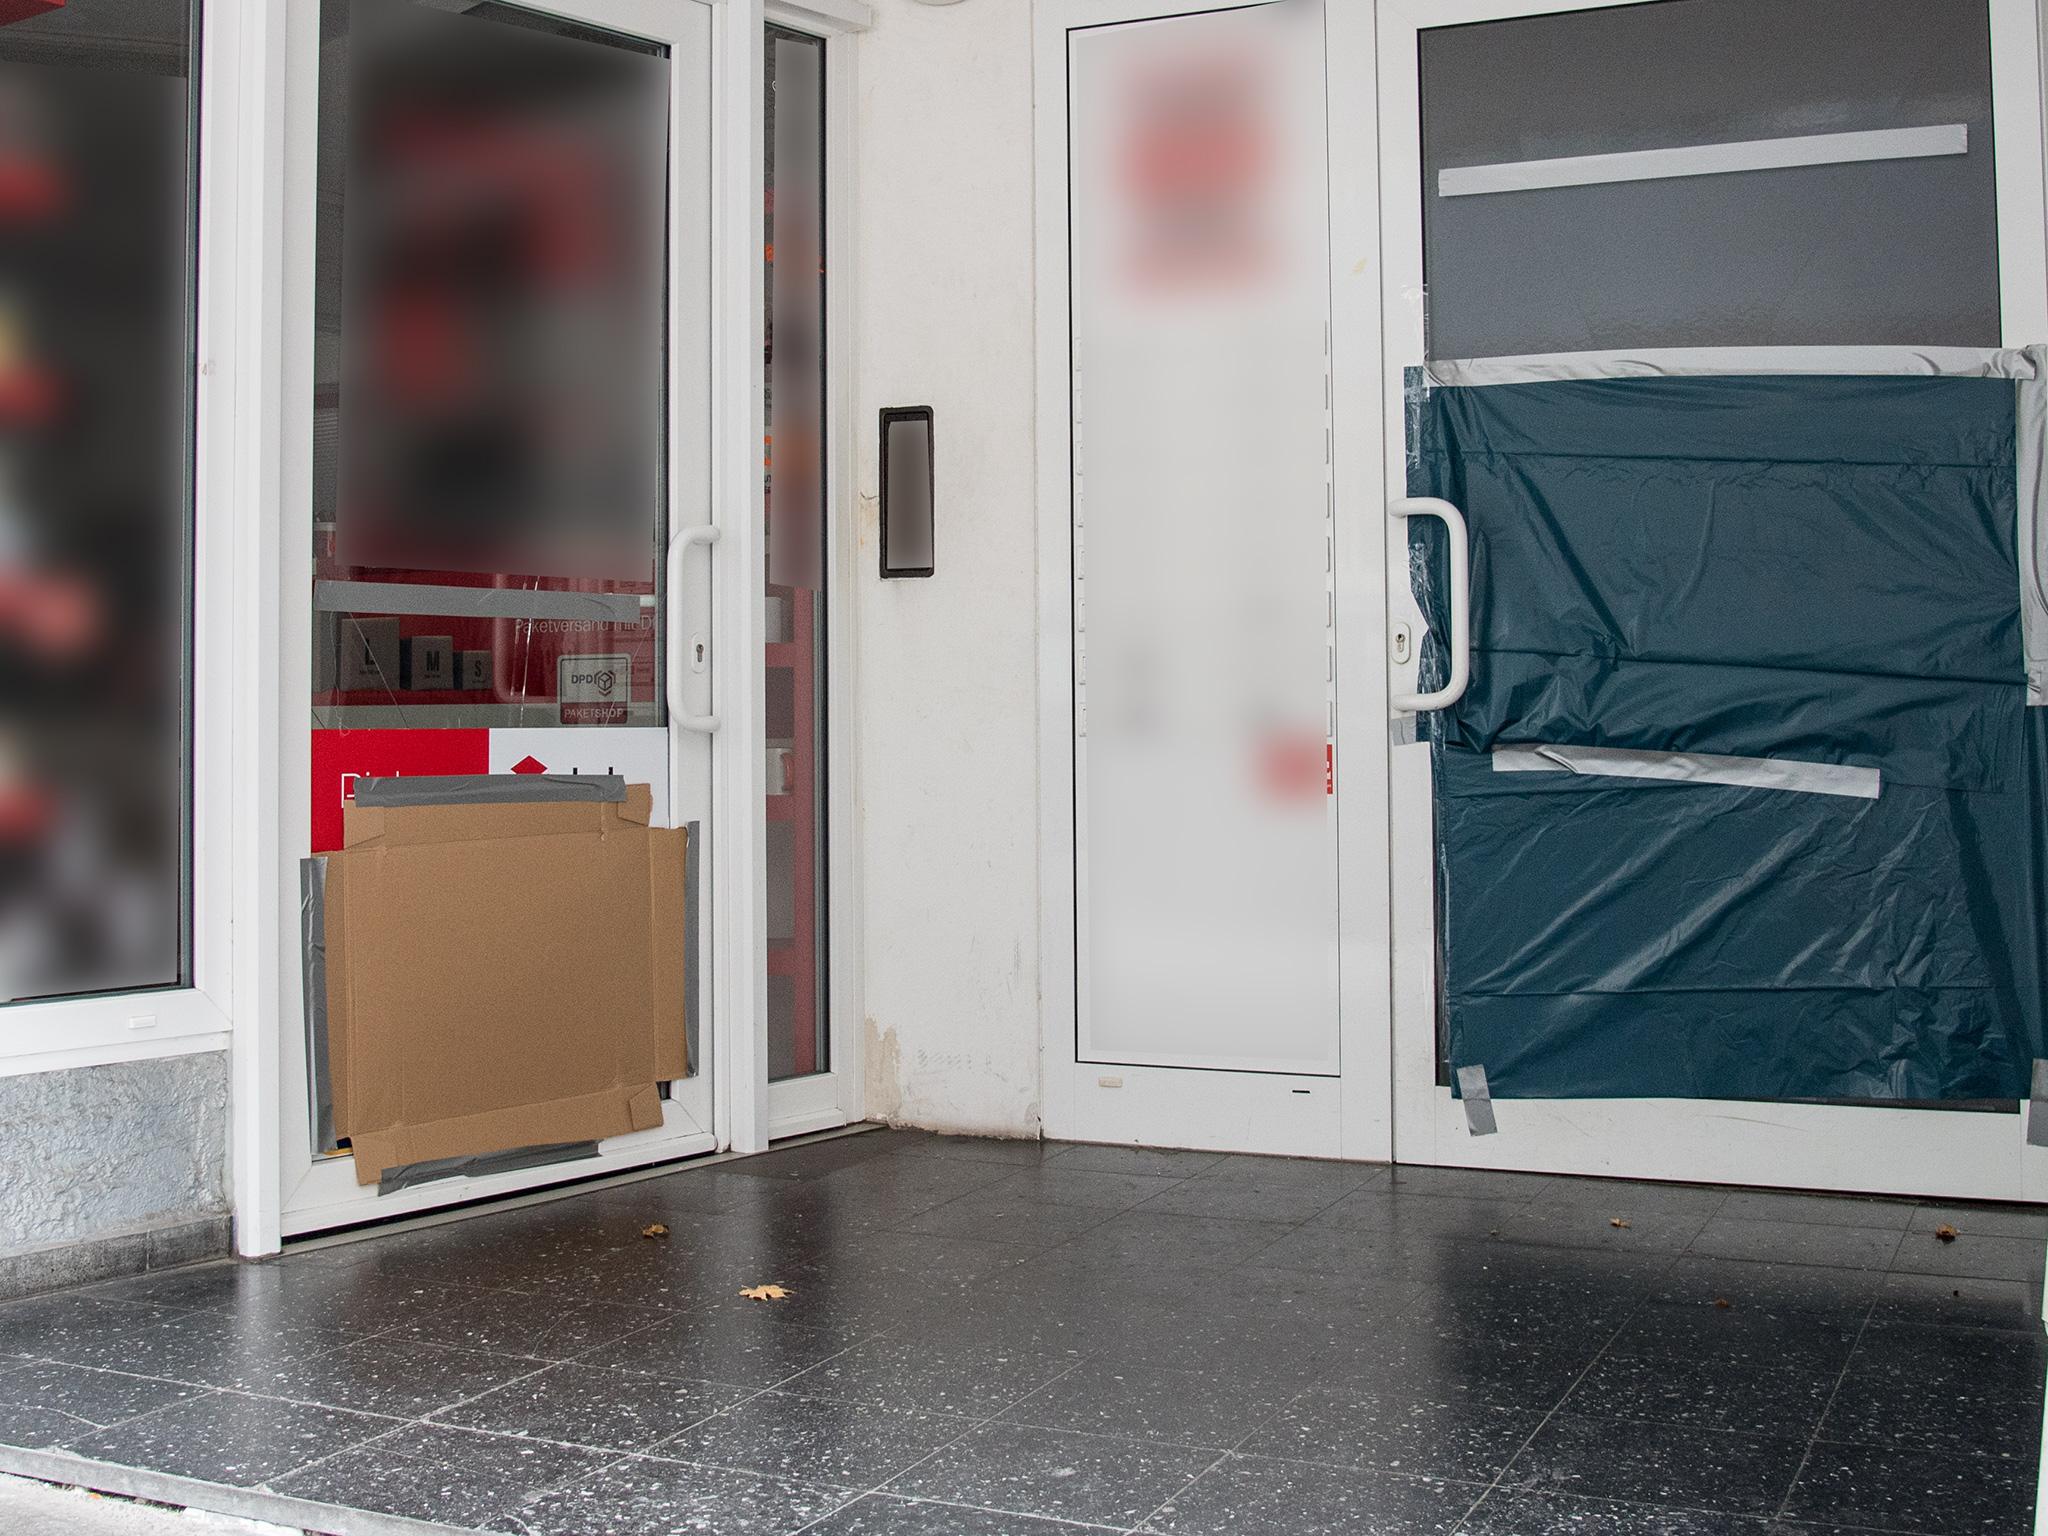 Unbekannte hatten die Eingangstüren eines Mehrfamilienhauses in der Peterstraße eingetreten. Foto: Pascal Höfig